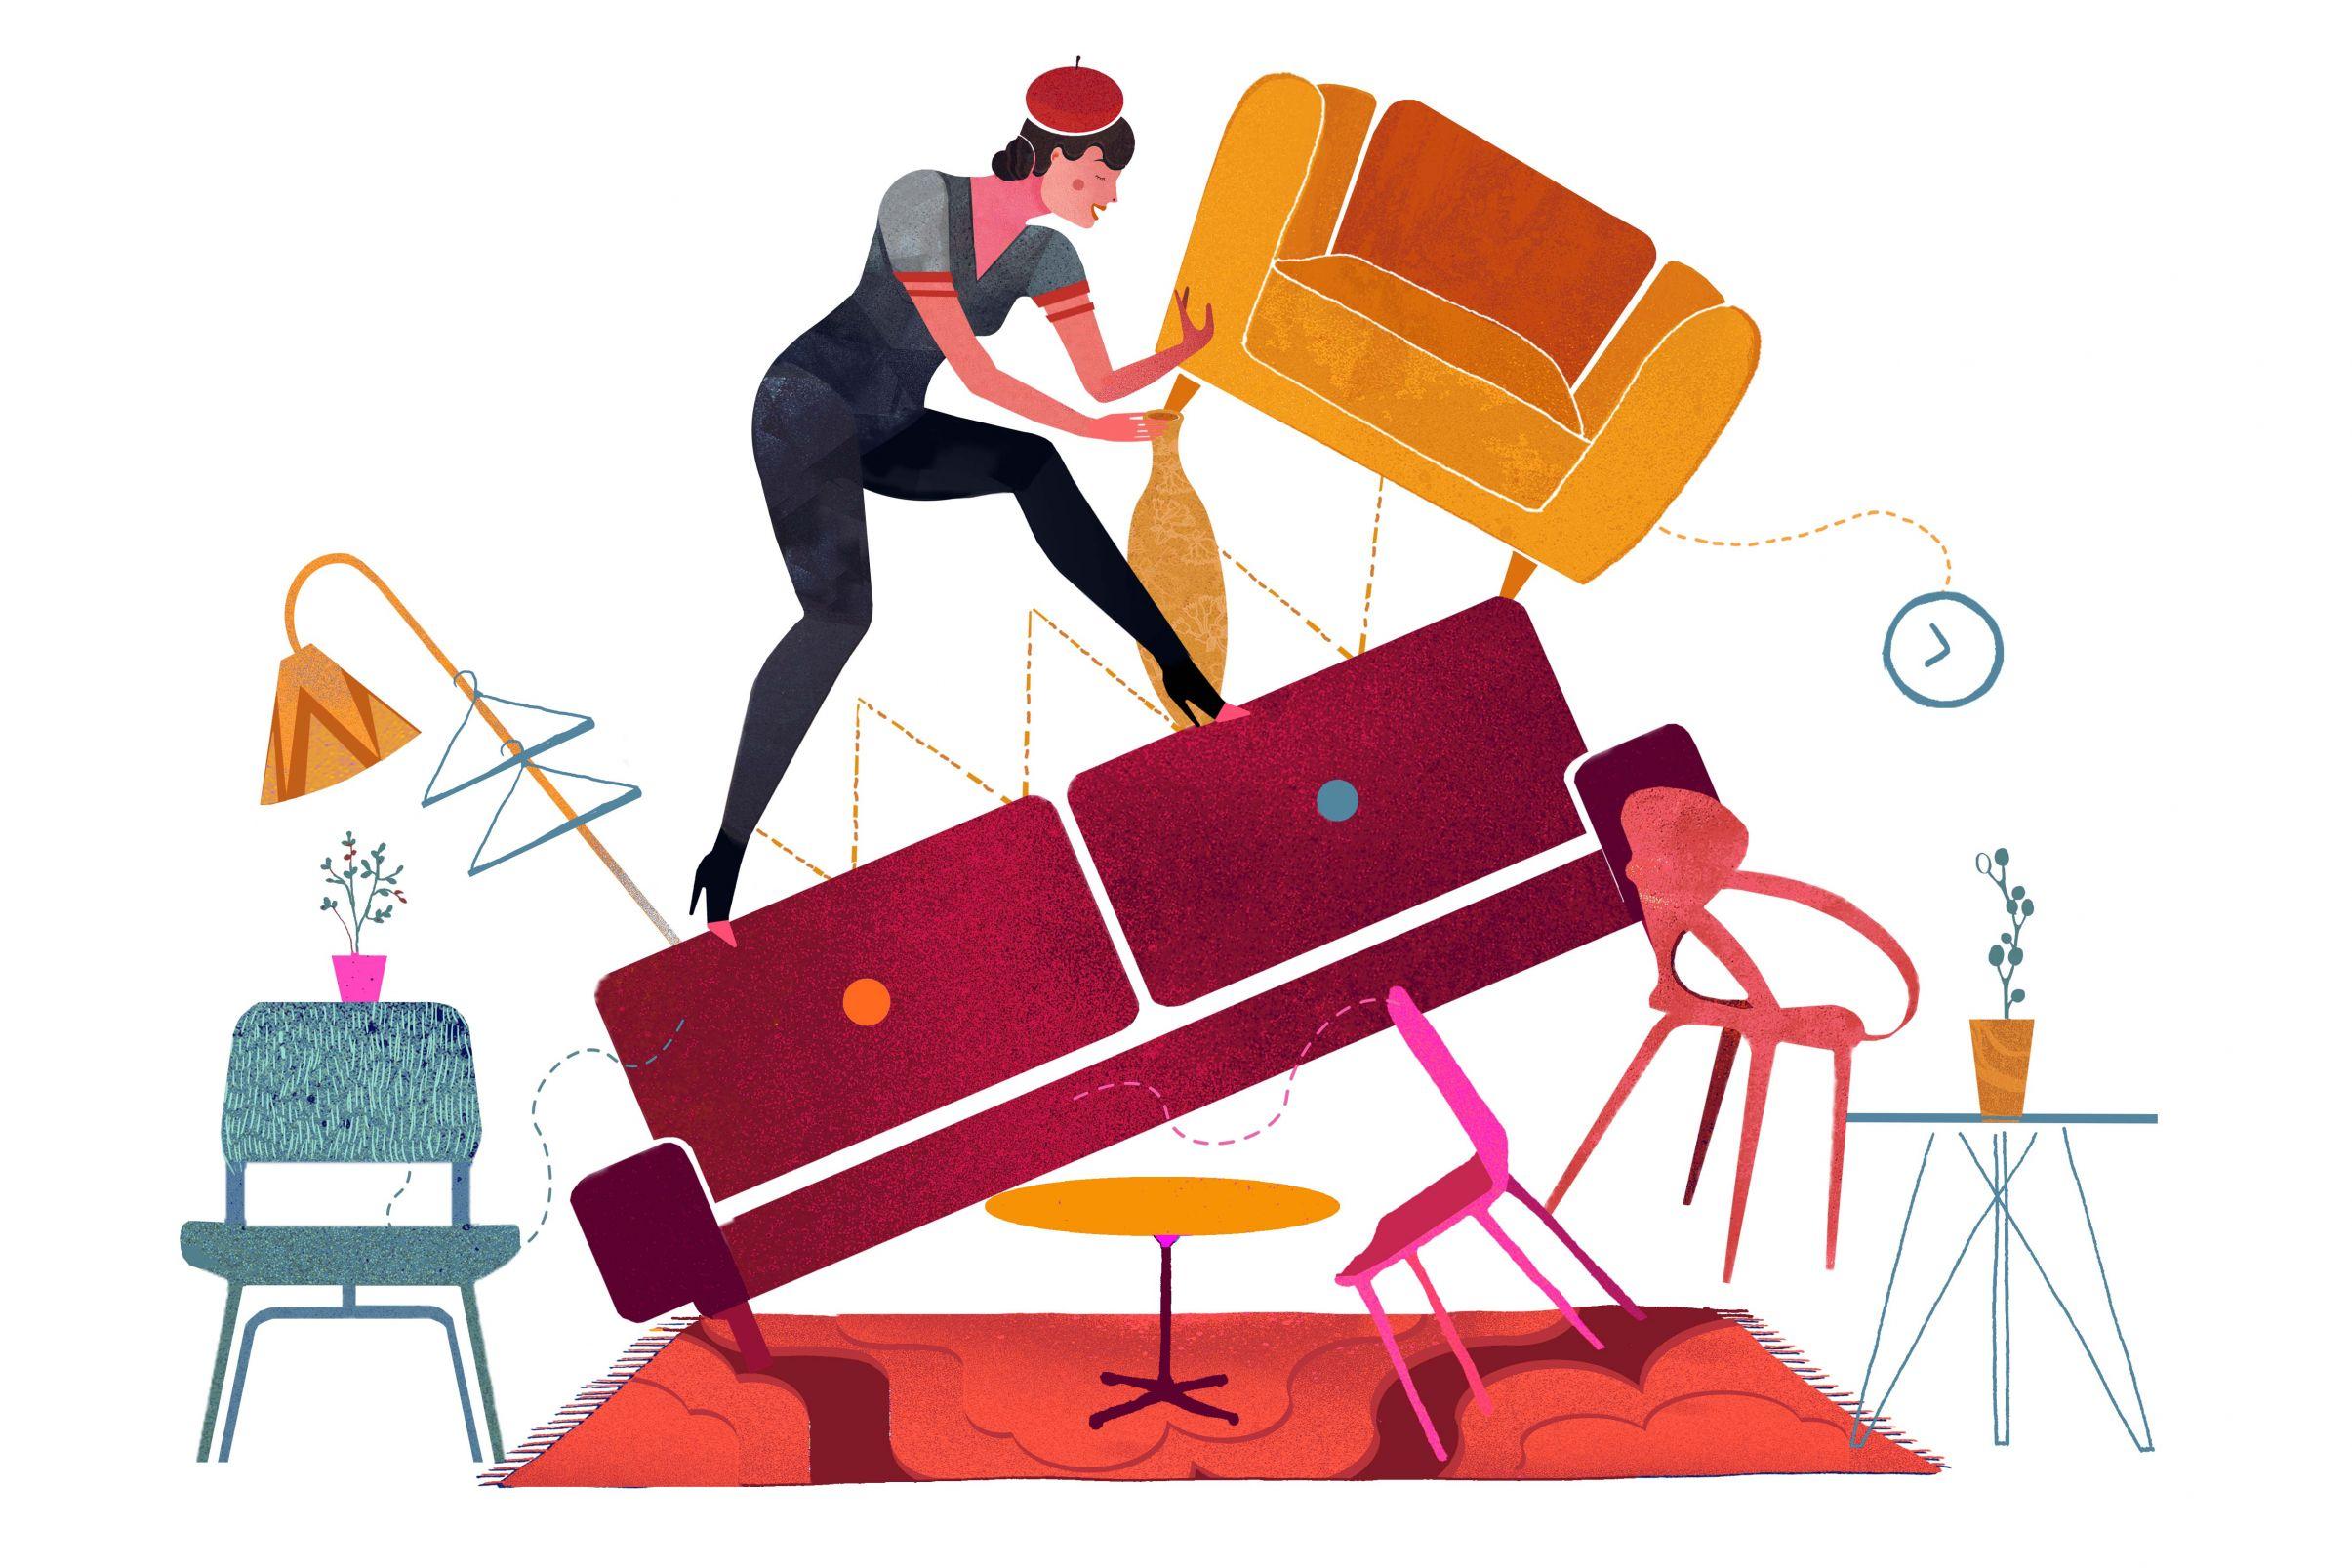 Como-prepararse-para-empapelar-Mover-retirar-muebles